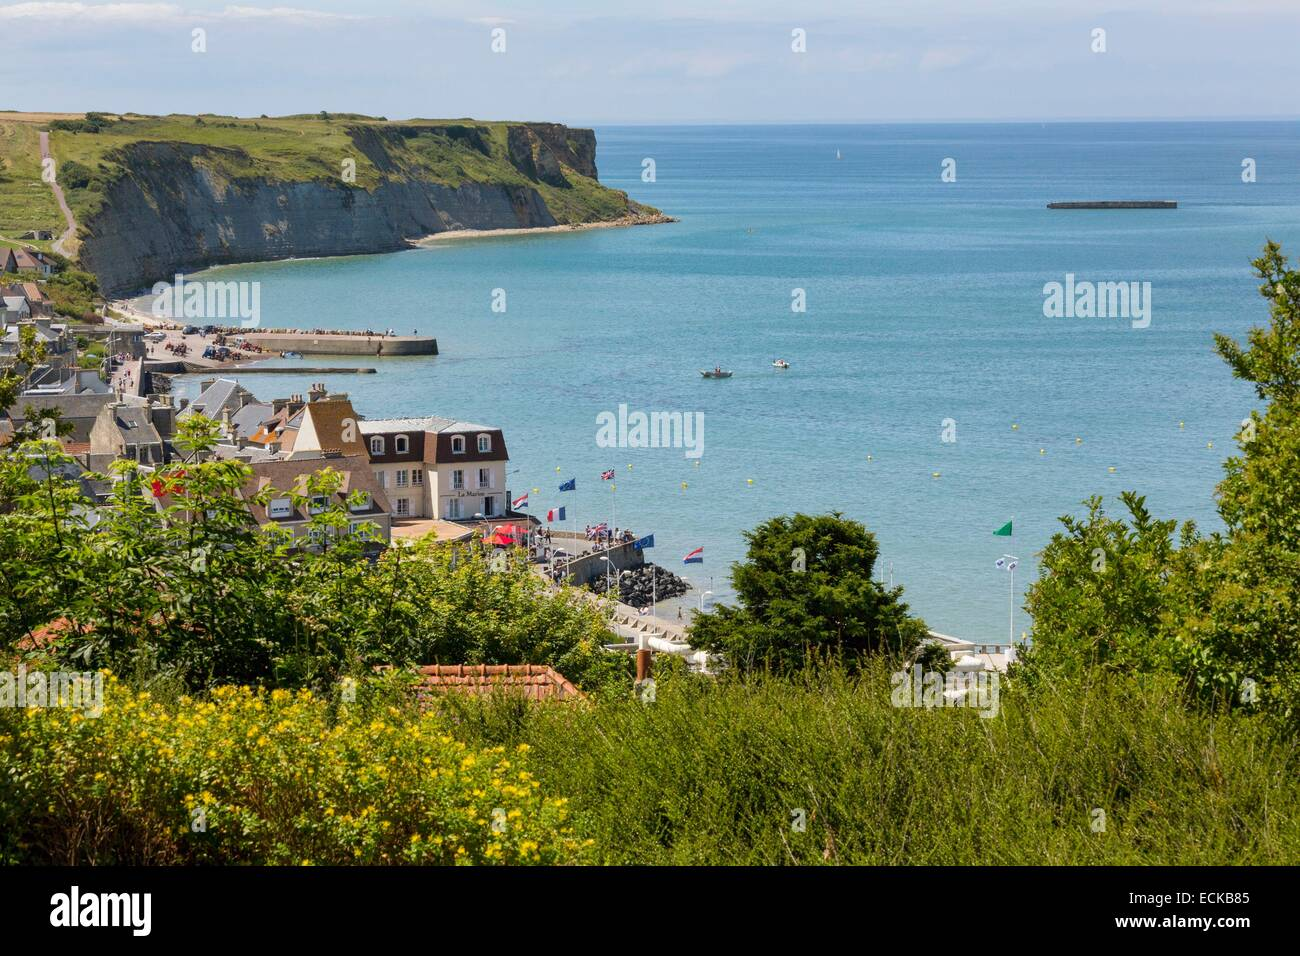 Frankreich, Calvados, Arromanches-Les-Bains, die Schaltung der Landungsstrände des zweiten Weltkriegs, die Stockbild